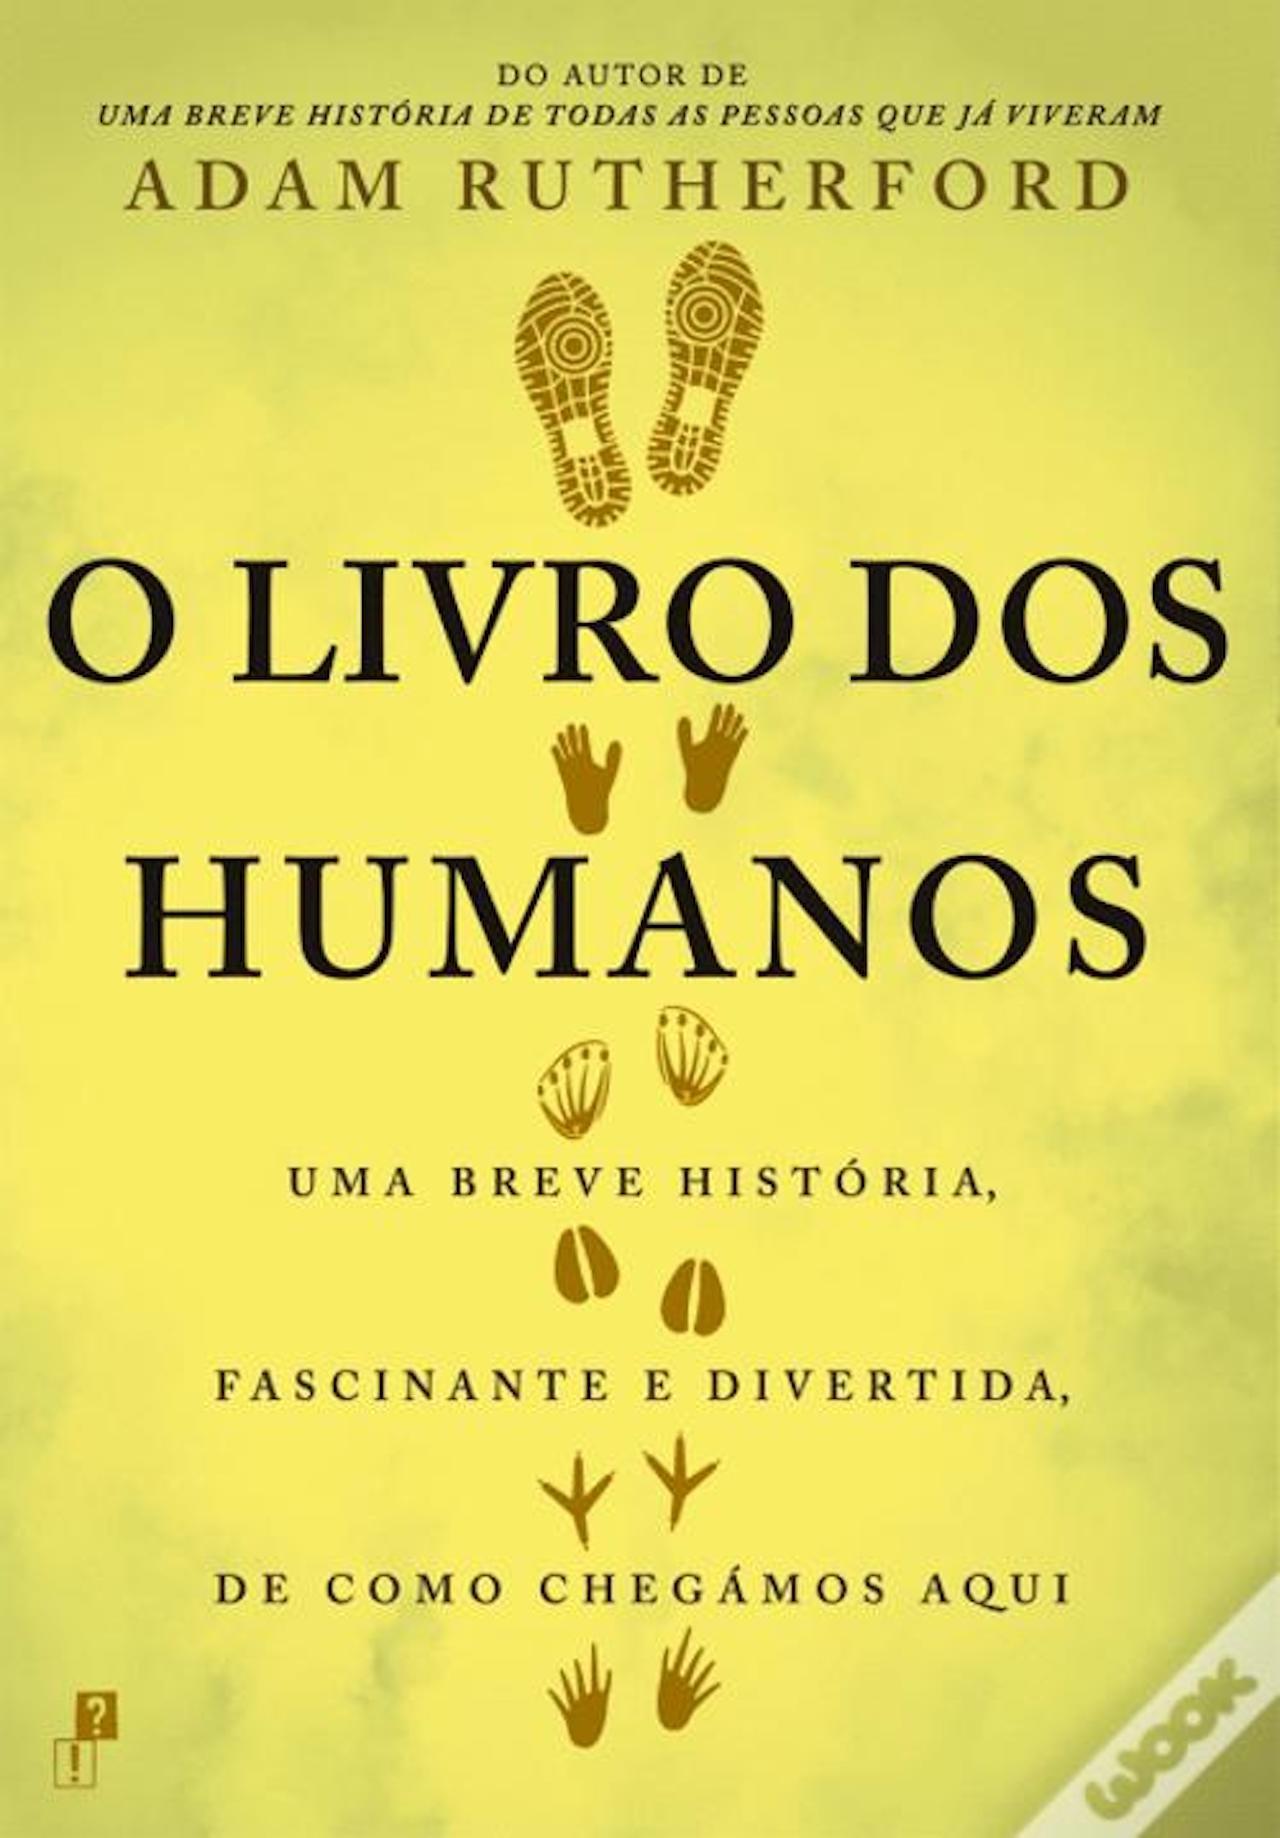 o-livro-dos-humanos-1.jpeg